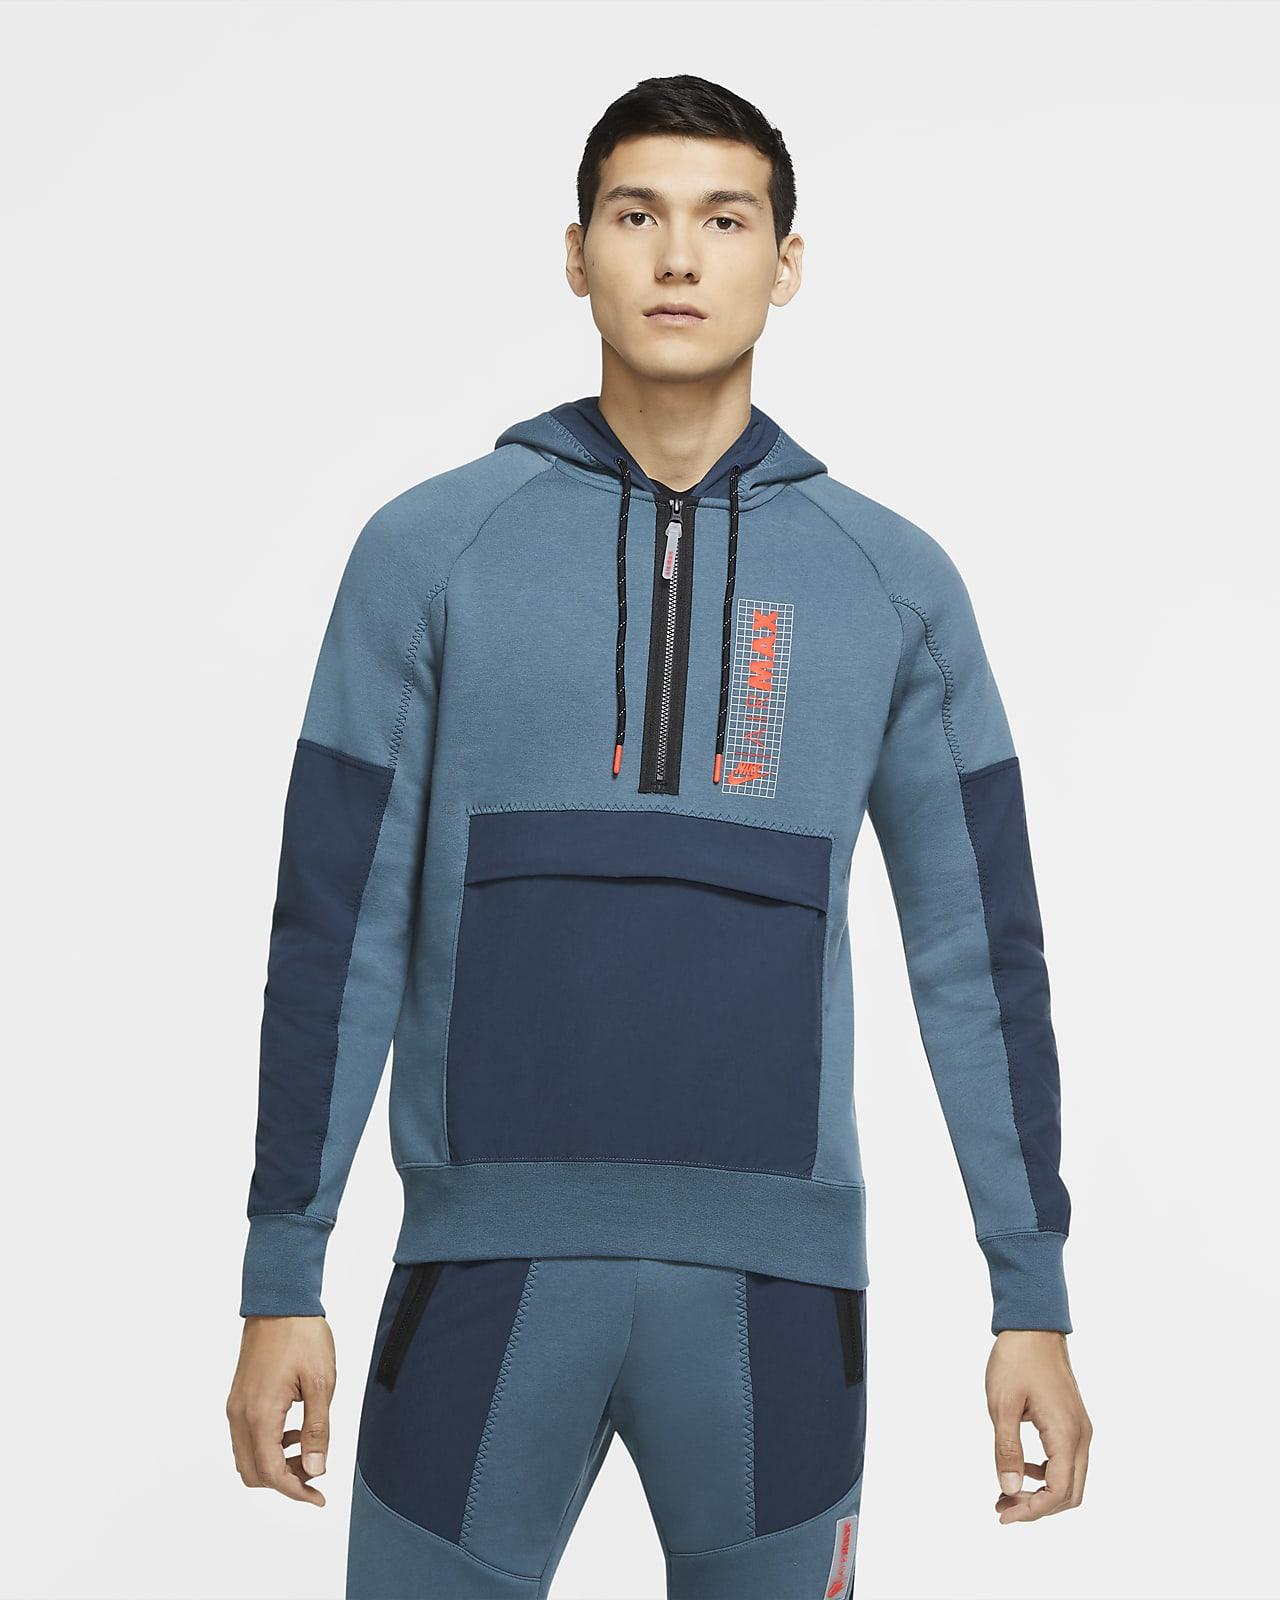 Fleecetröja Nike Air Max med halv dragkedja för män